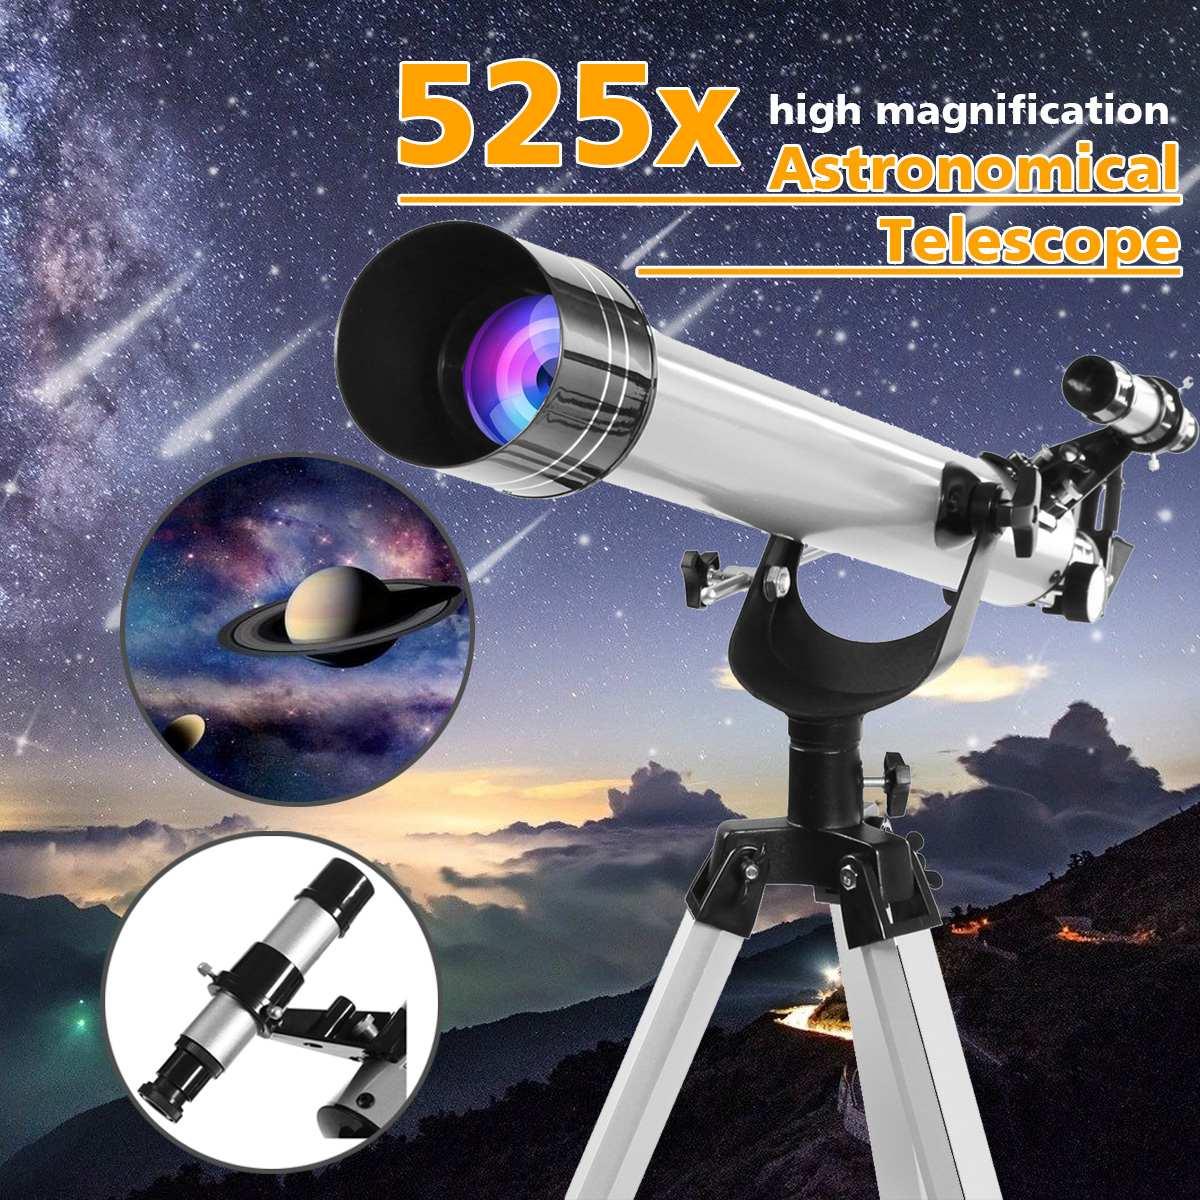 F60700 525x Fort Grossissement Astronomique De Réfraction Télescope 3 pièces Oculaires Et Trépied D'observation Spatiale Portée Cadeau